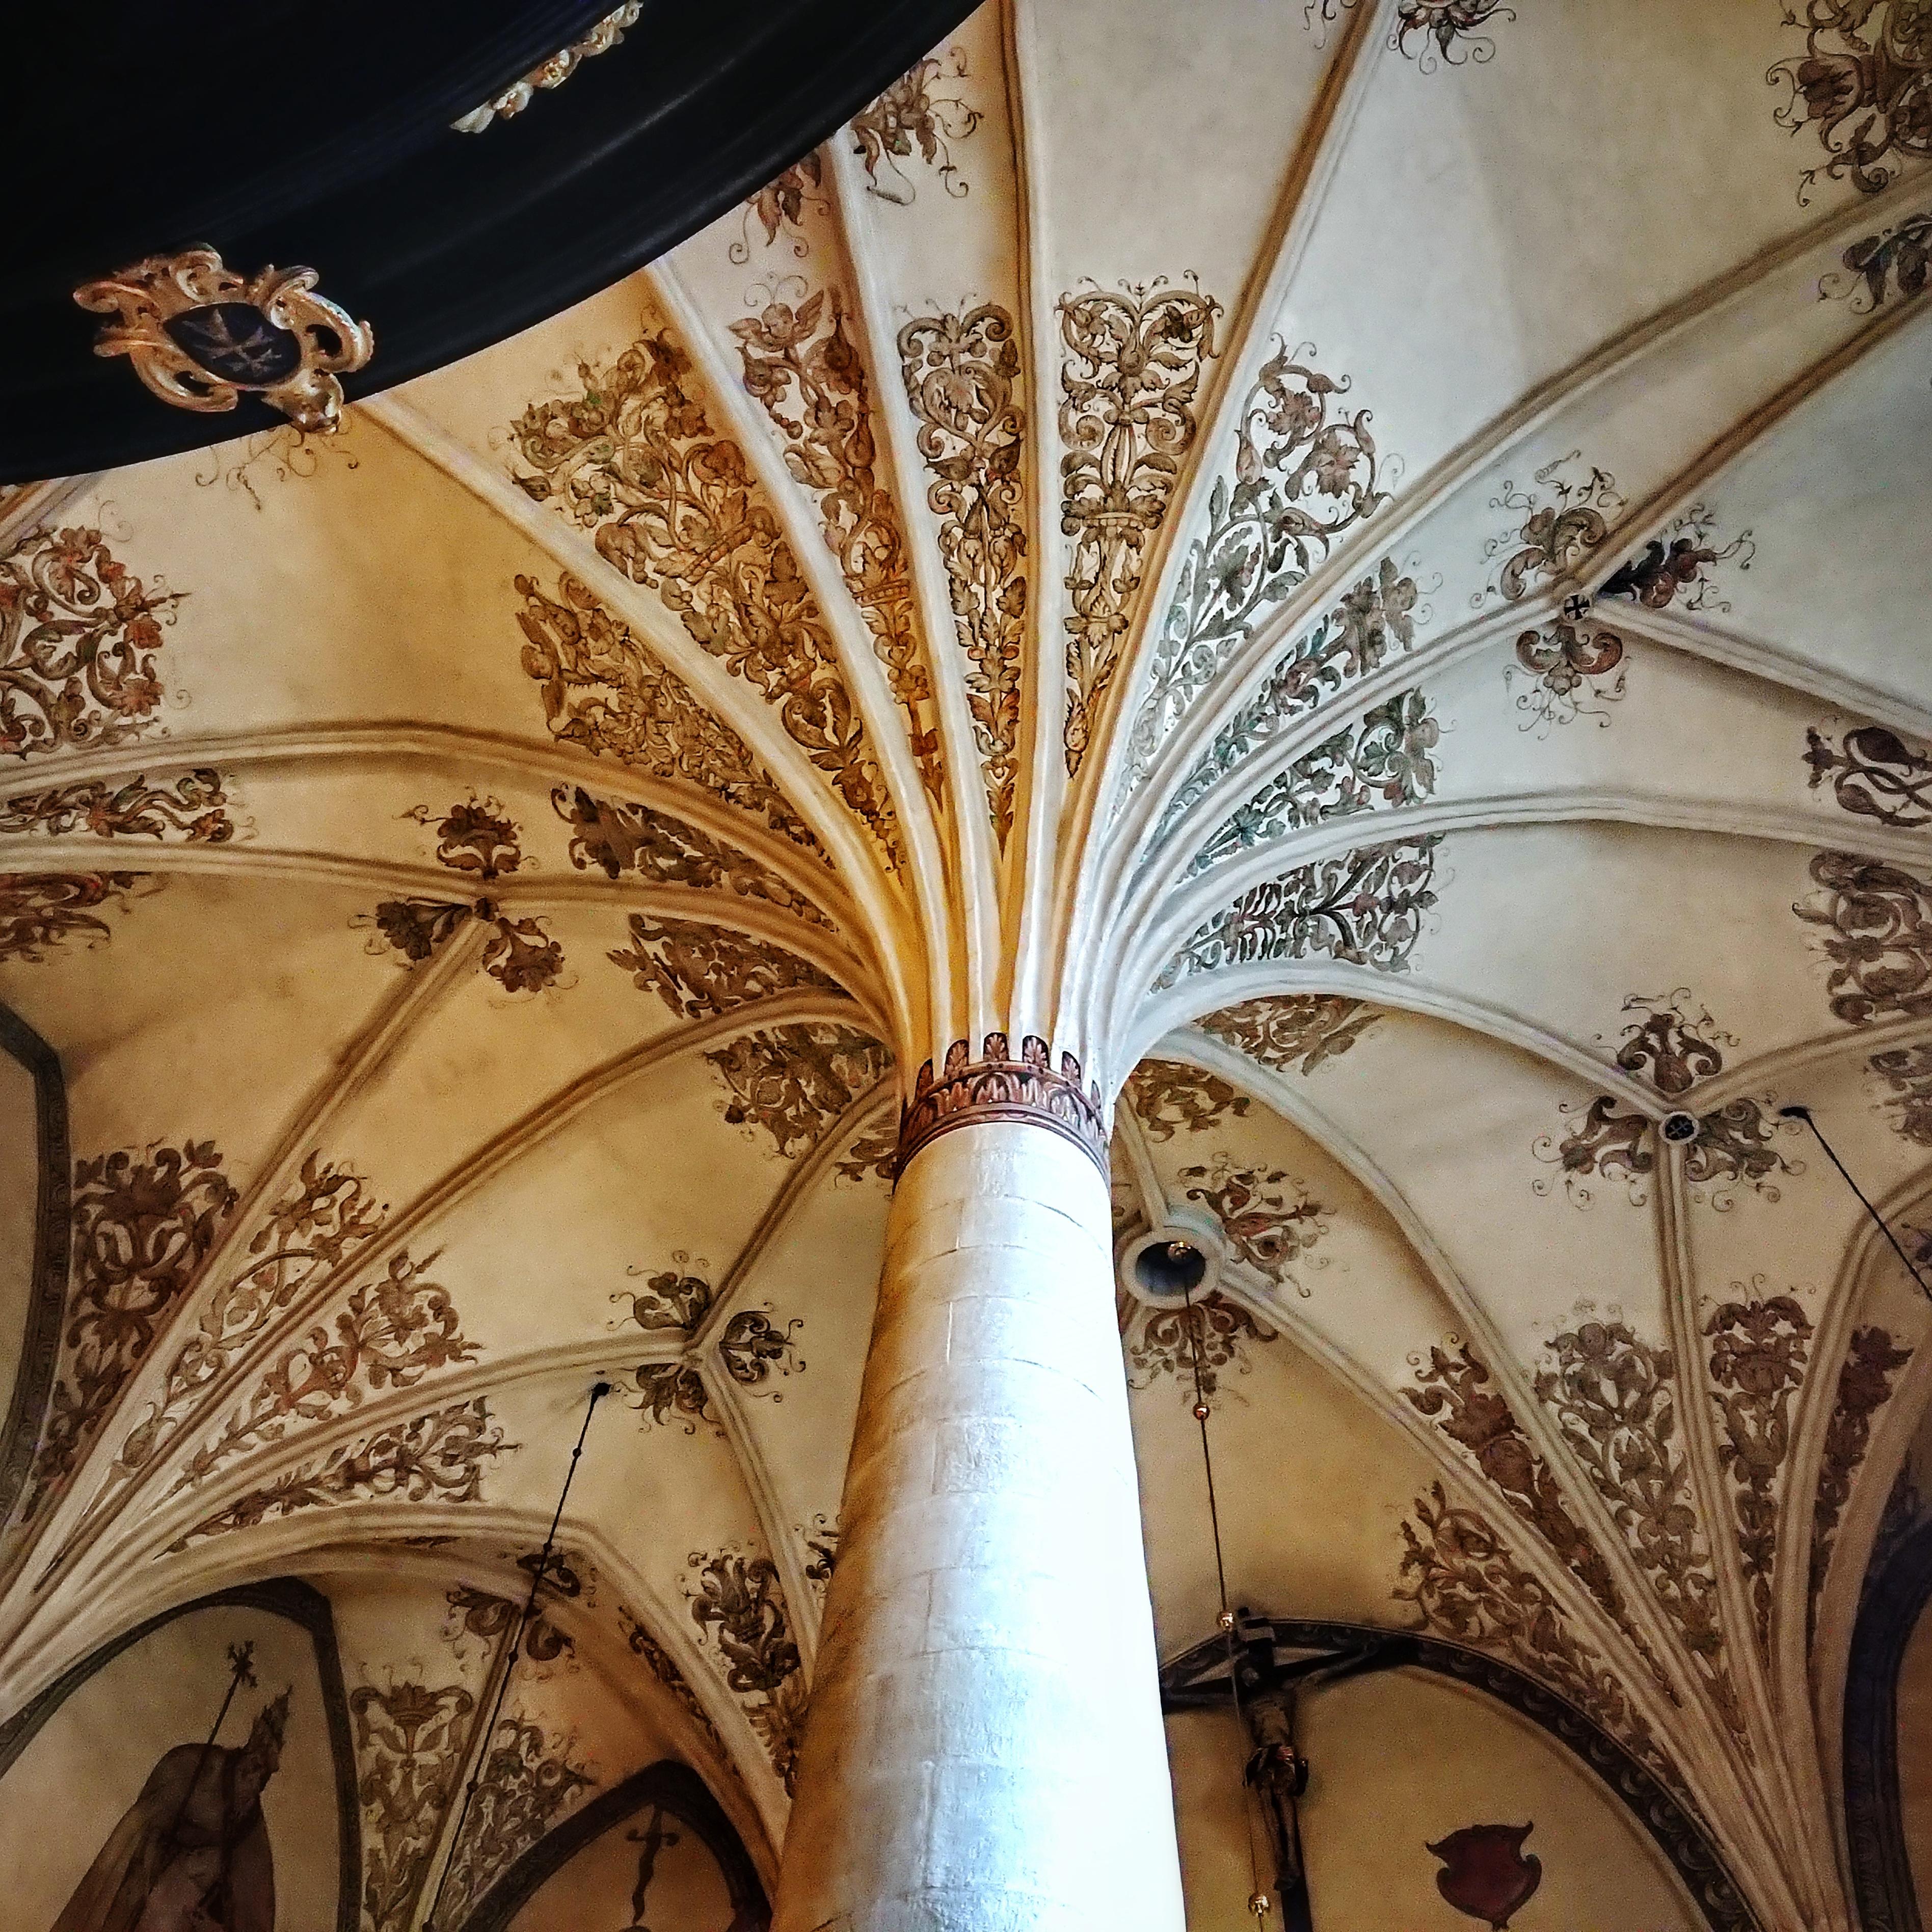 Sklepienie palmowe w kościele św. Krzyża, źródło: archiwum autorki